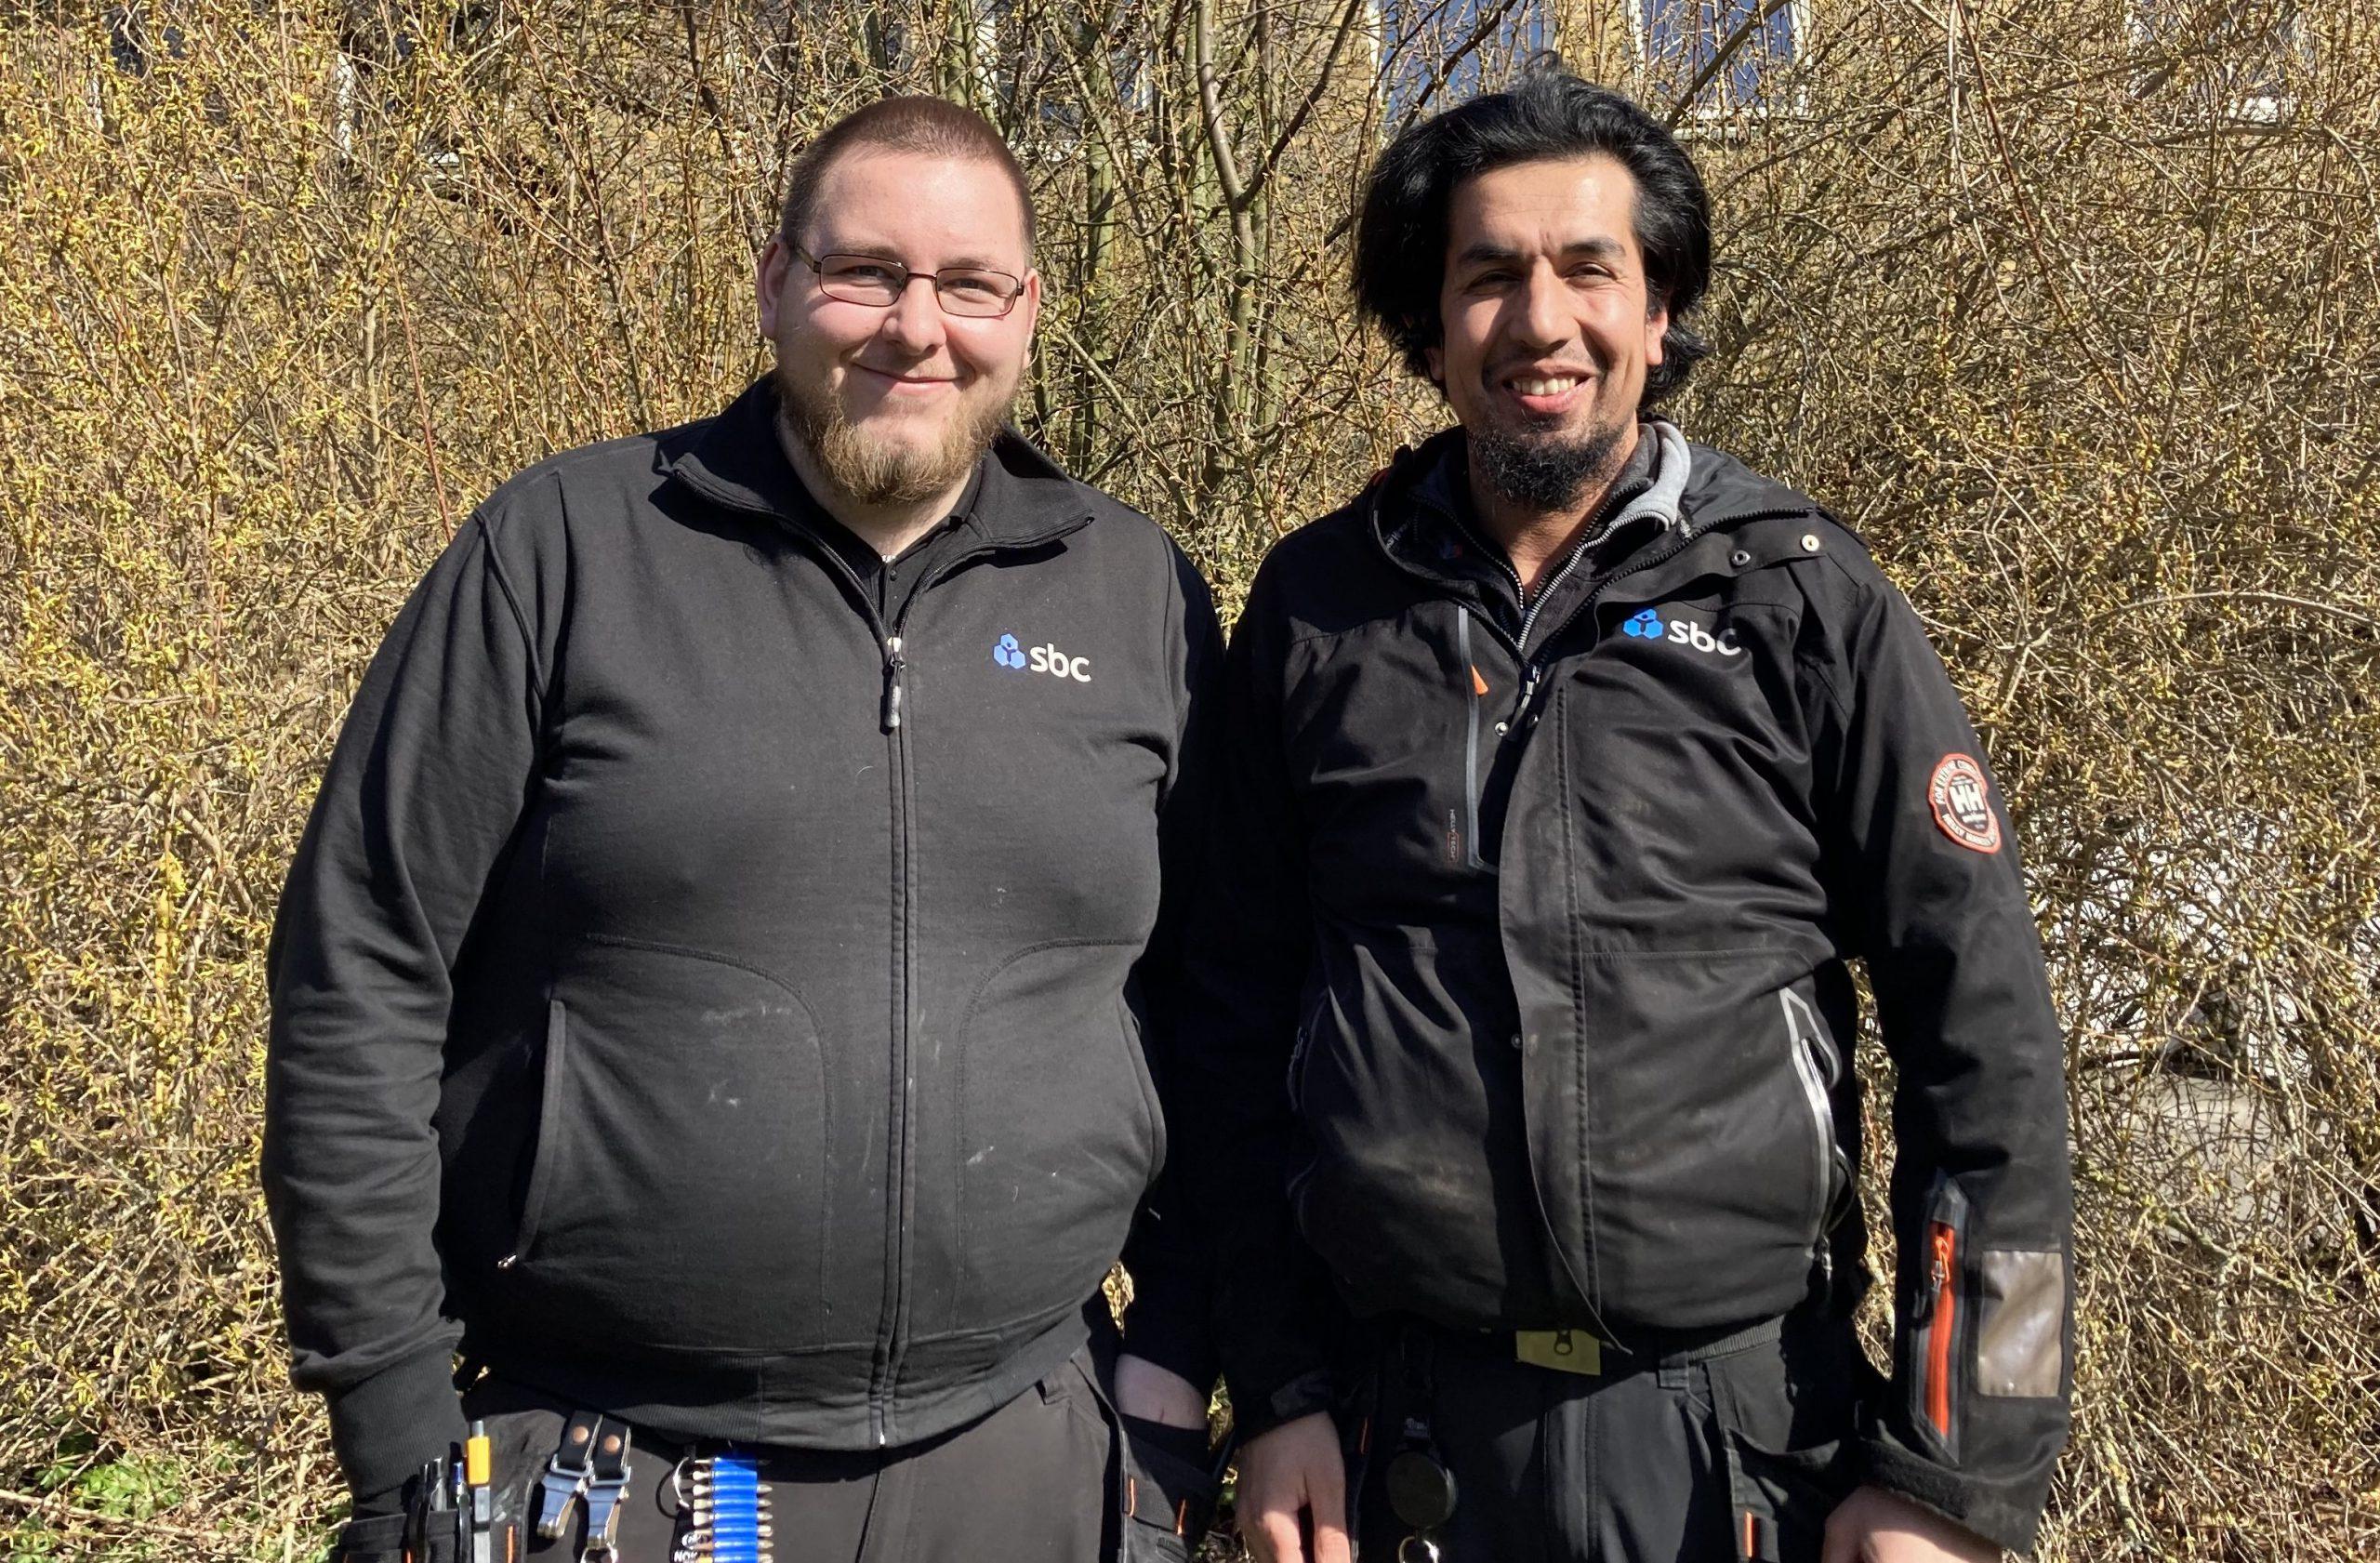 Föreningens vaktmästare Andreas och trädgårdsansvarige Hasib